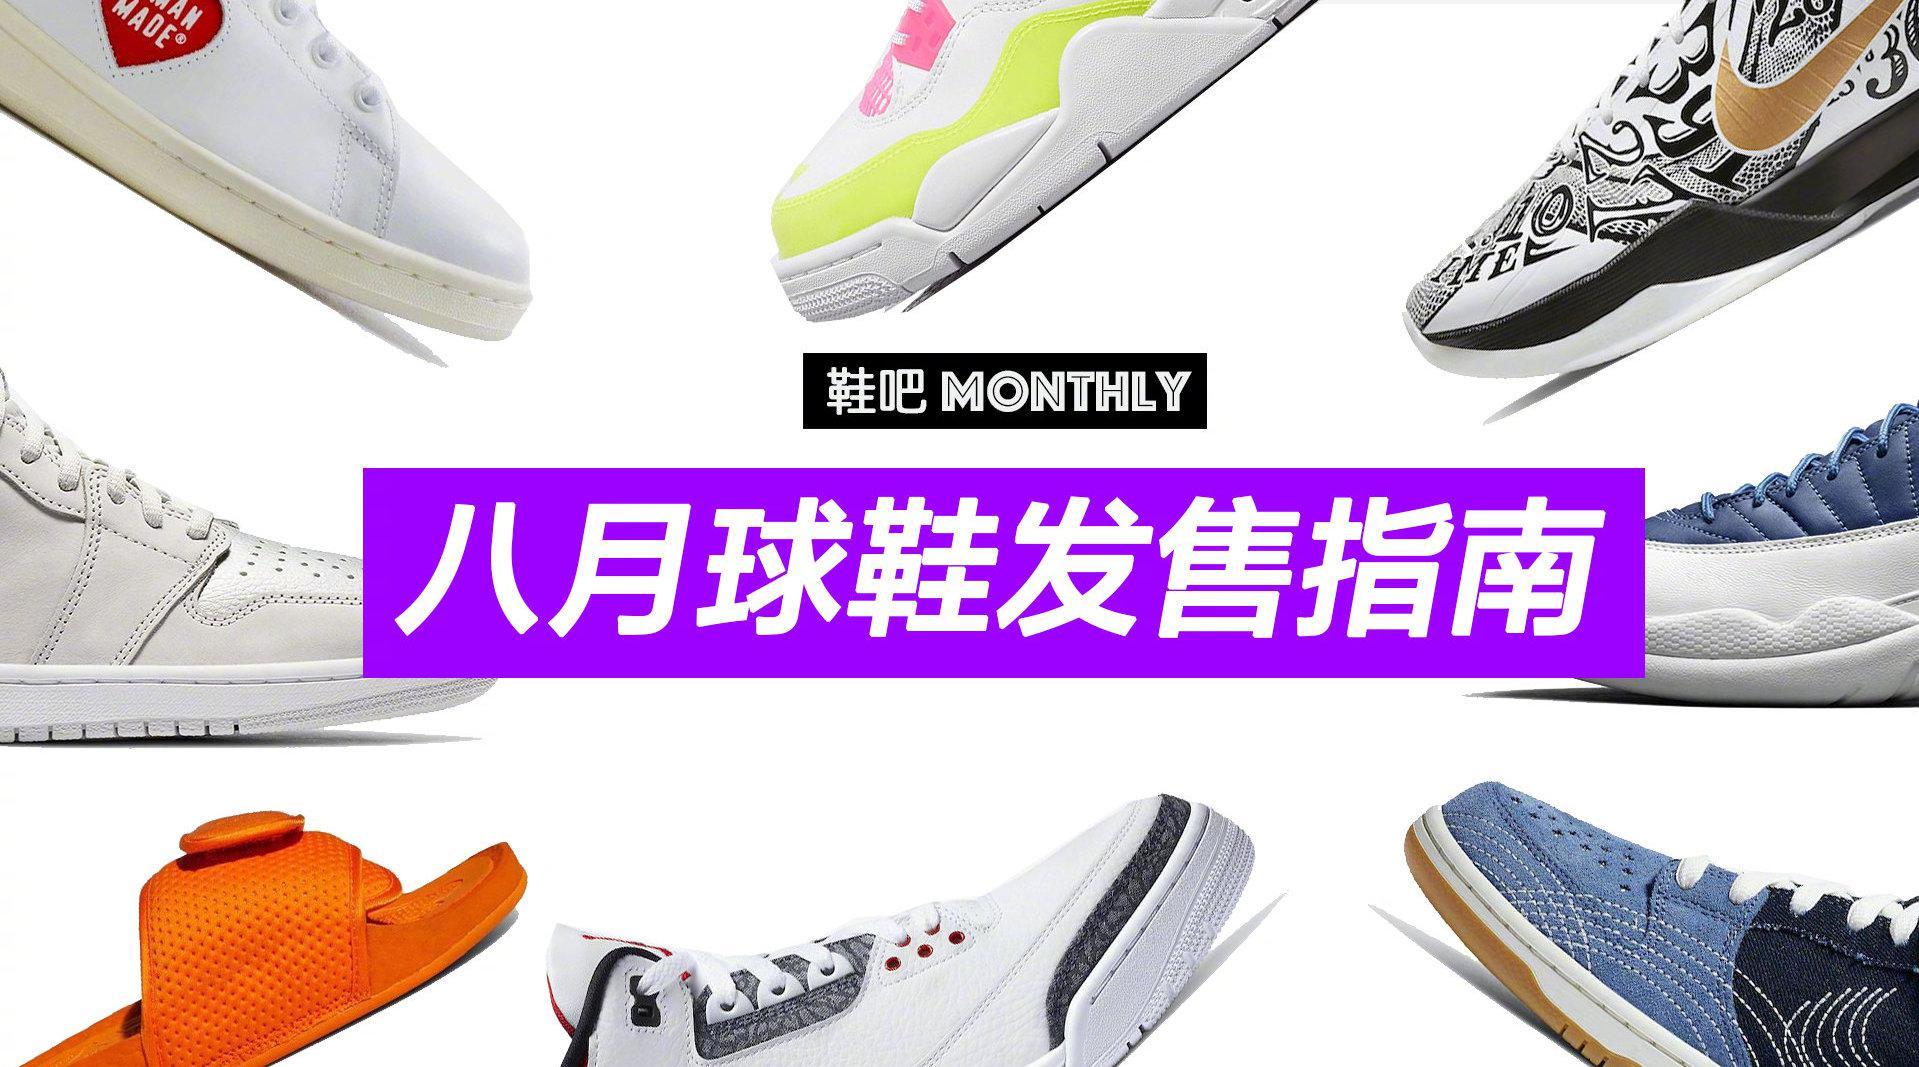 八月球鞋发售指南 本月球鞋迎来井喷式发售……